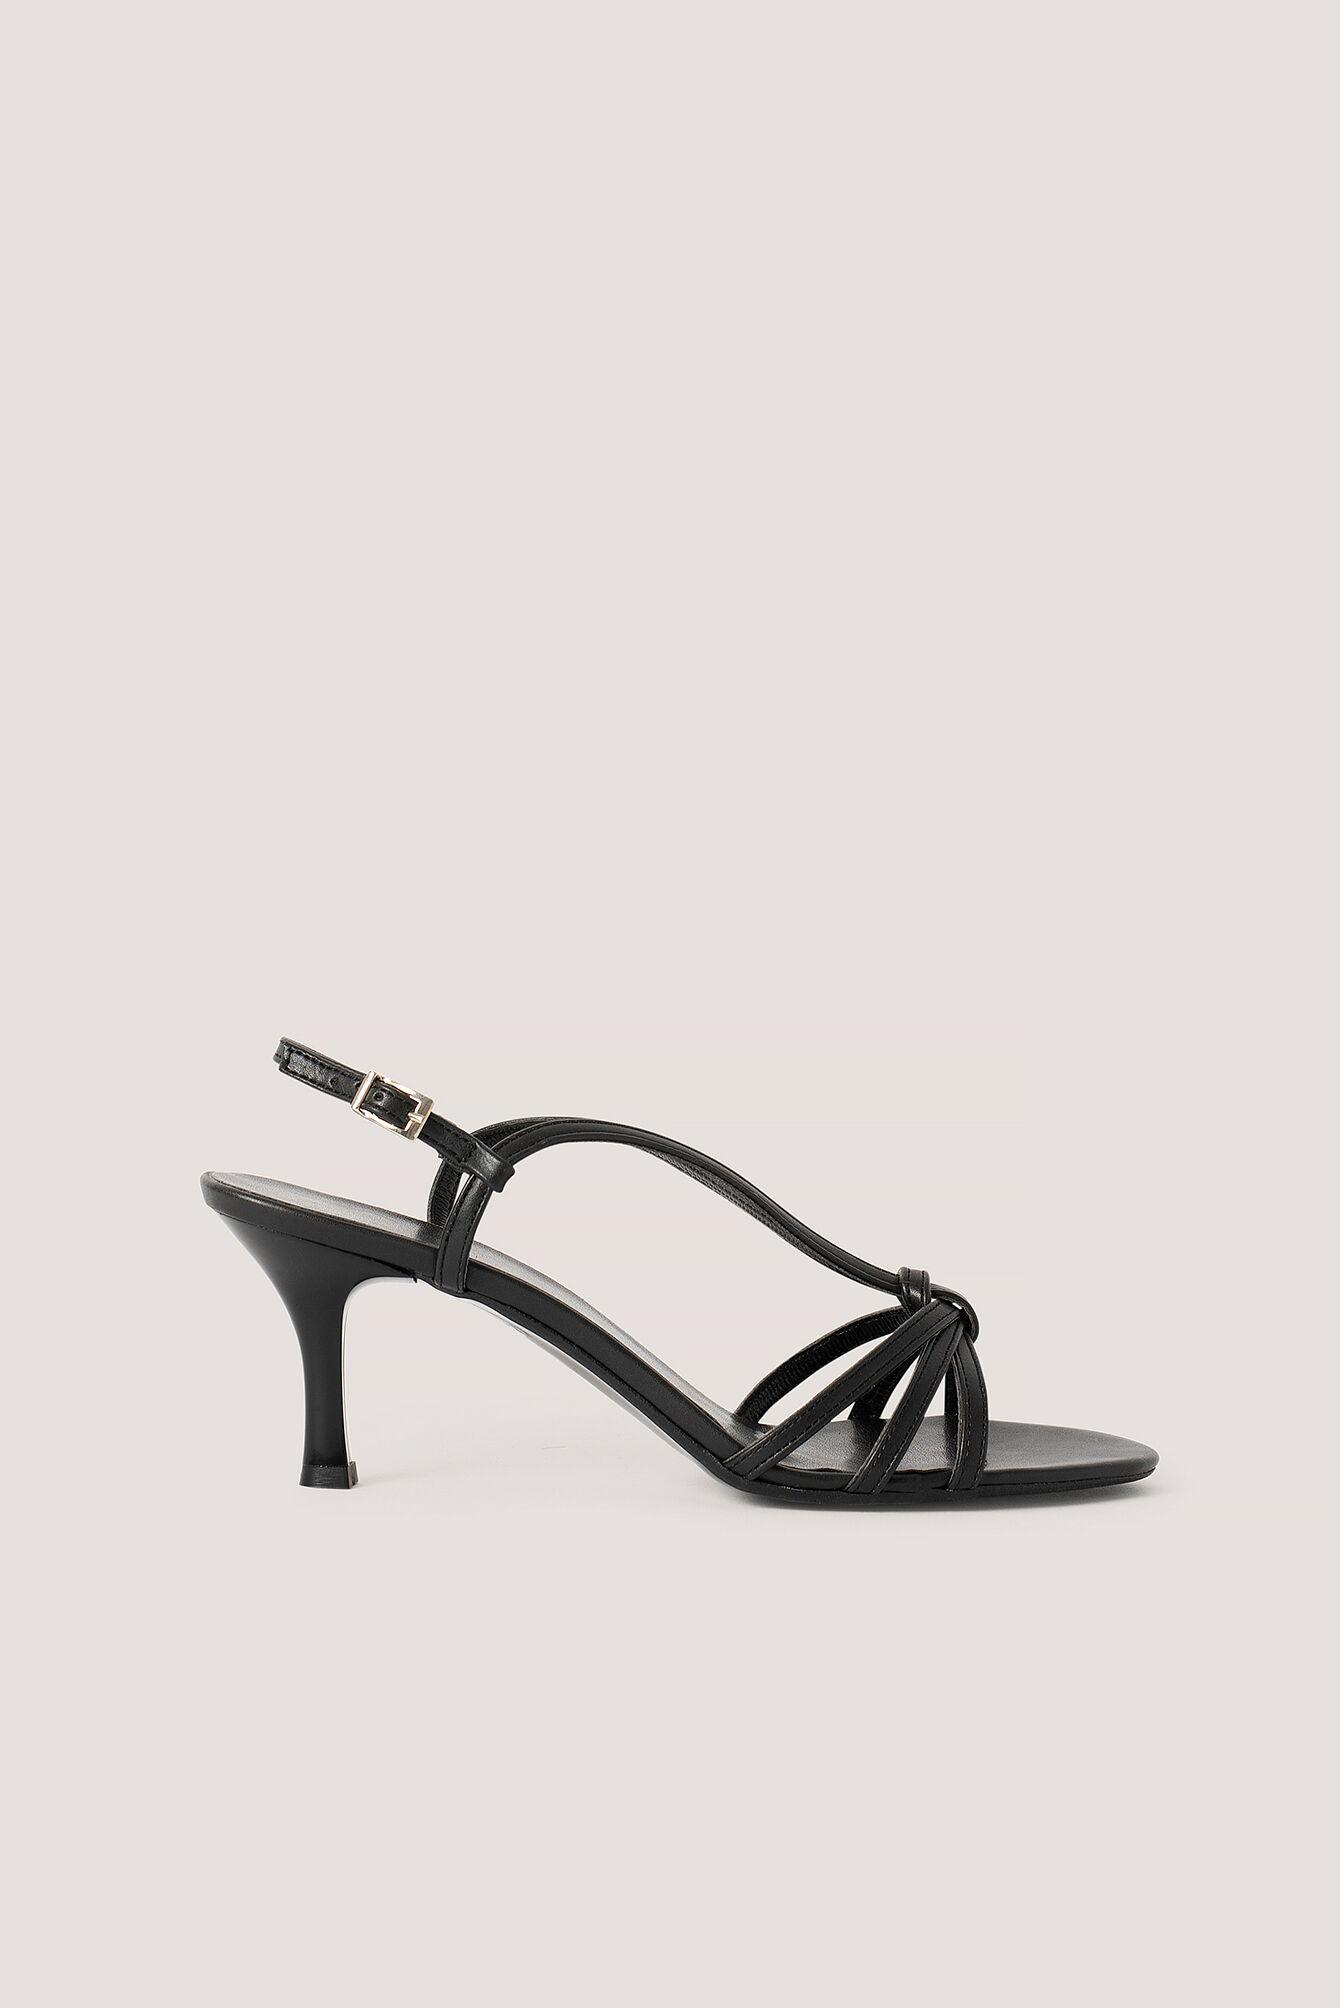 Trendyol Classic Heel Sandals - Black